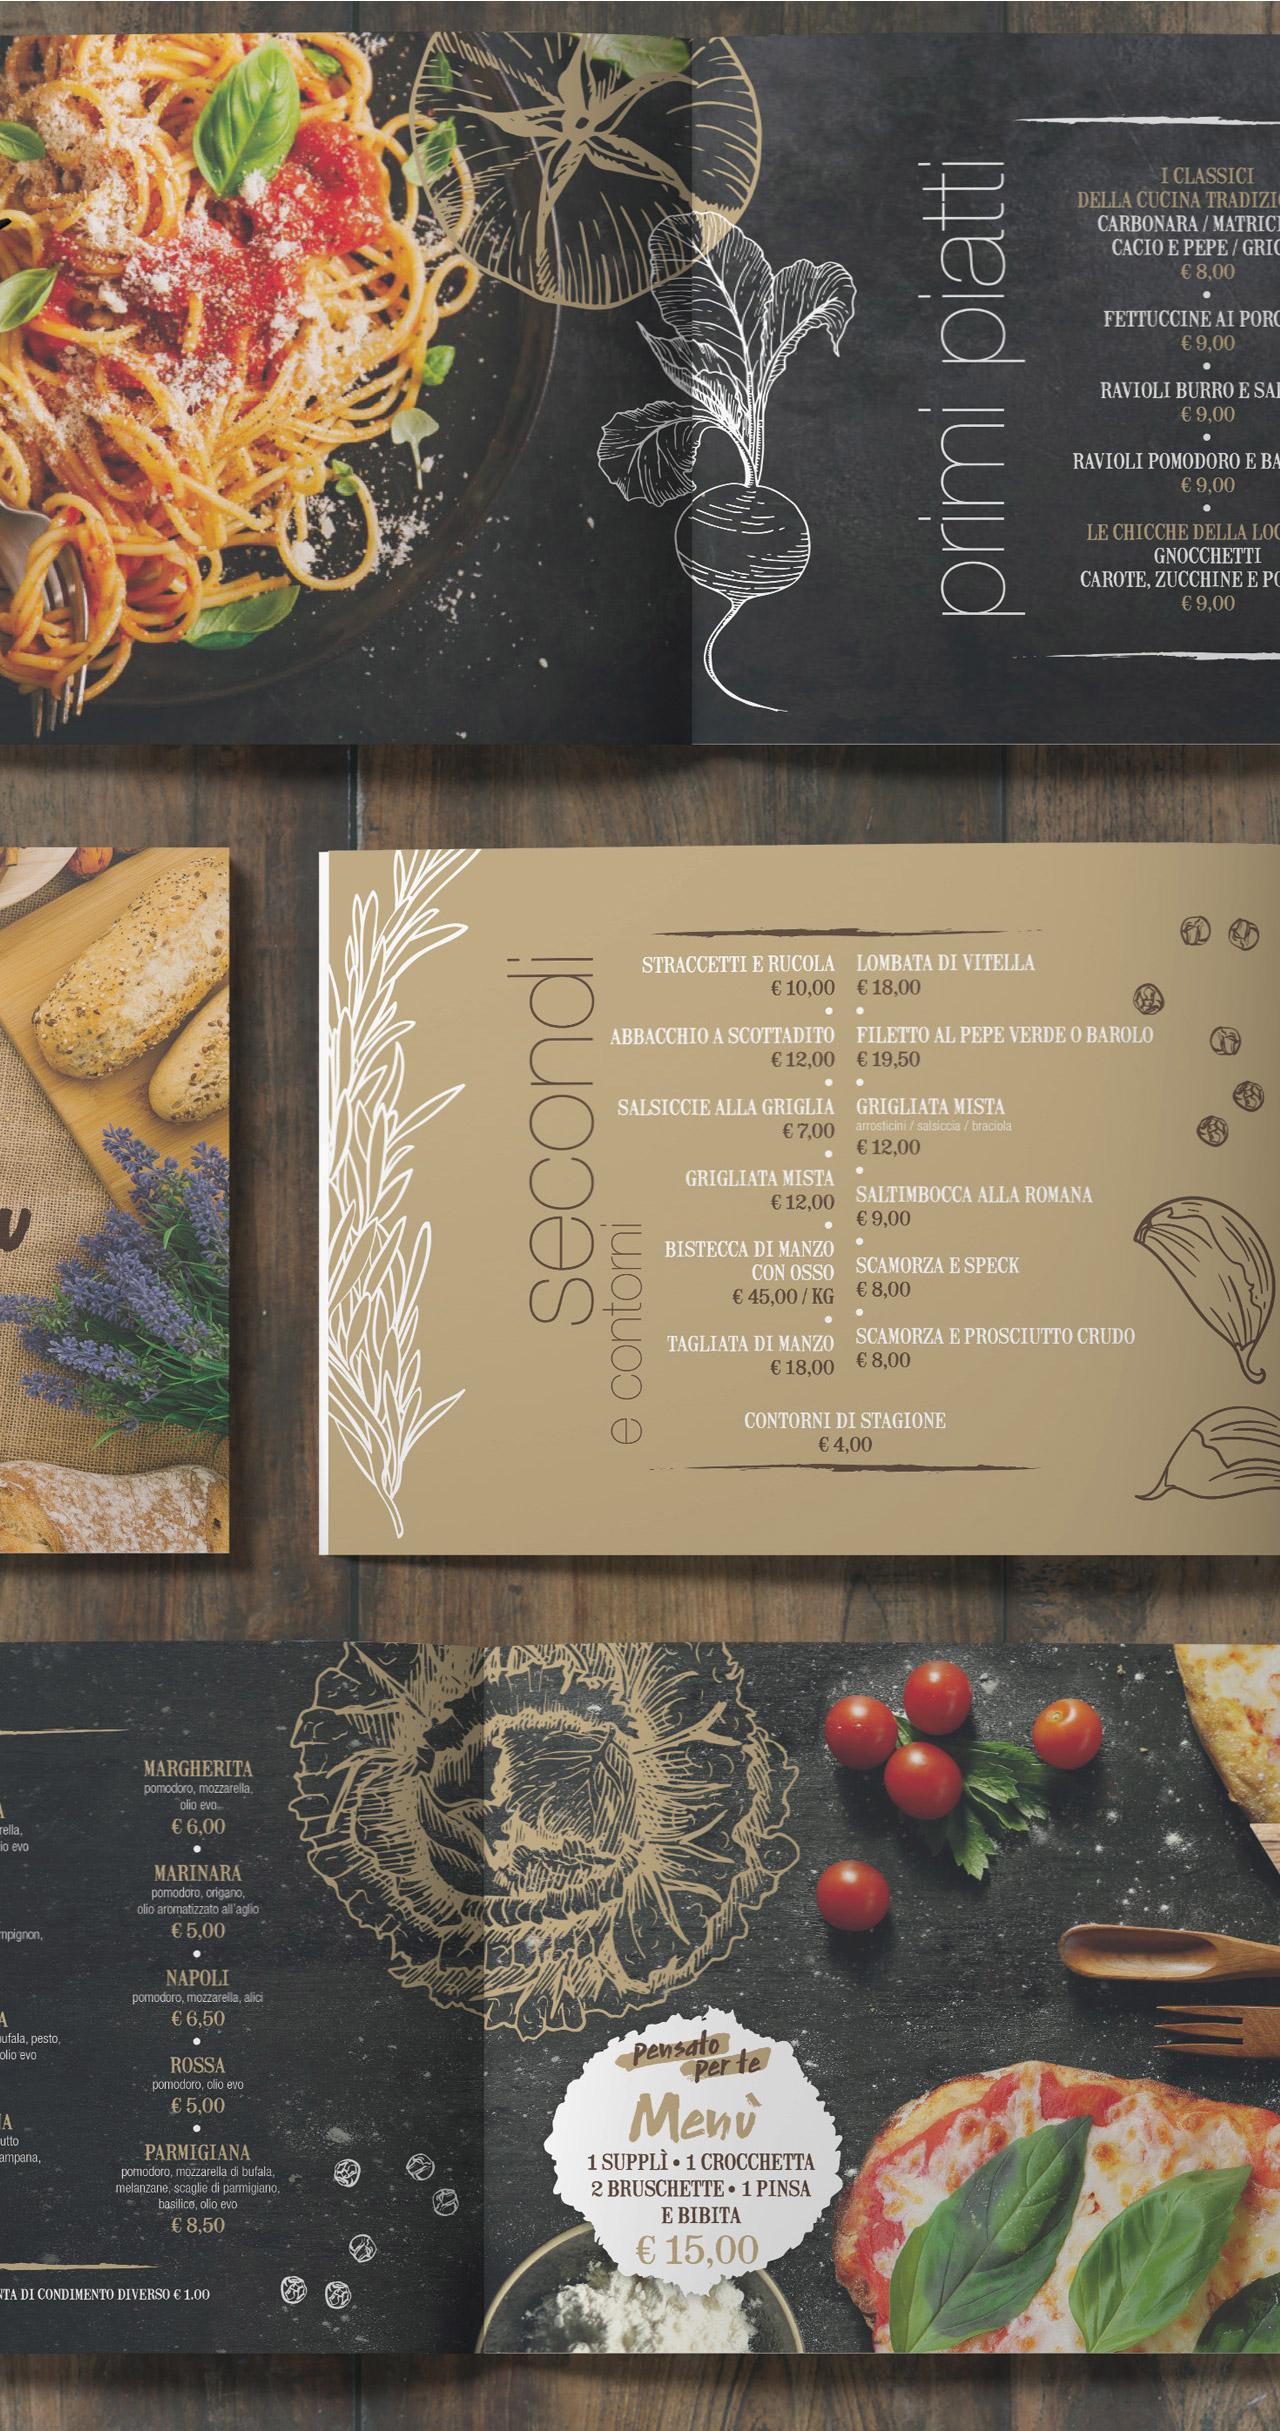 La Locanda Del Fornaio_menu graphid